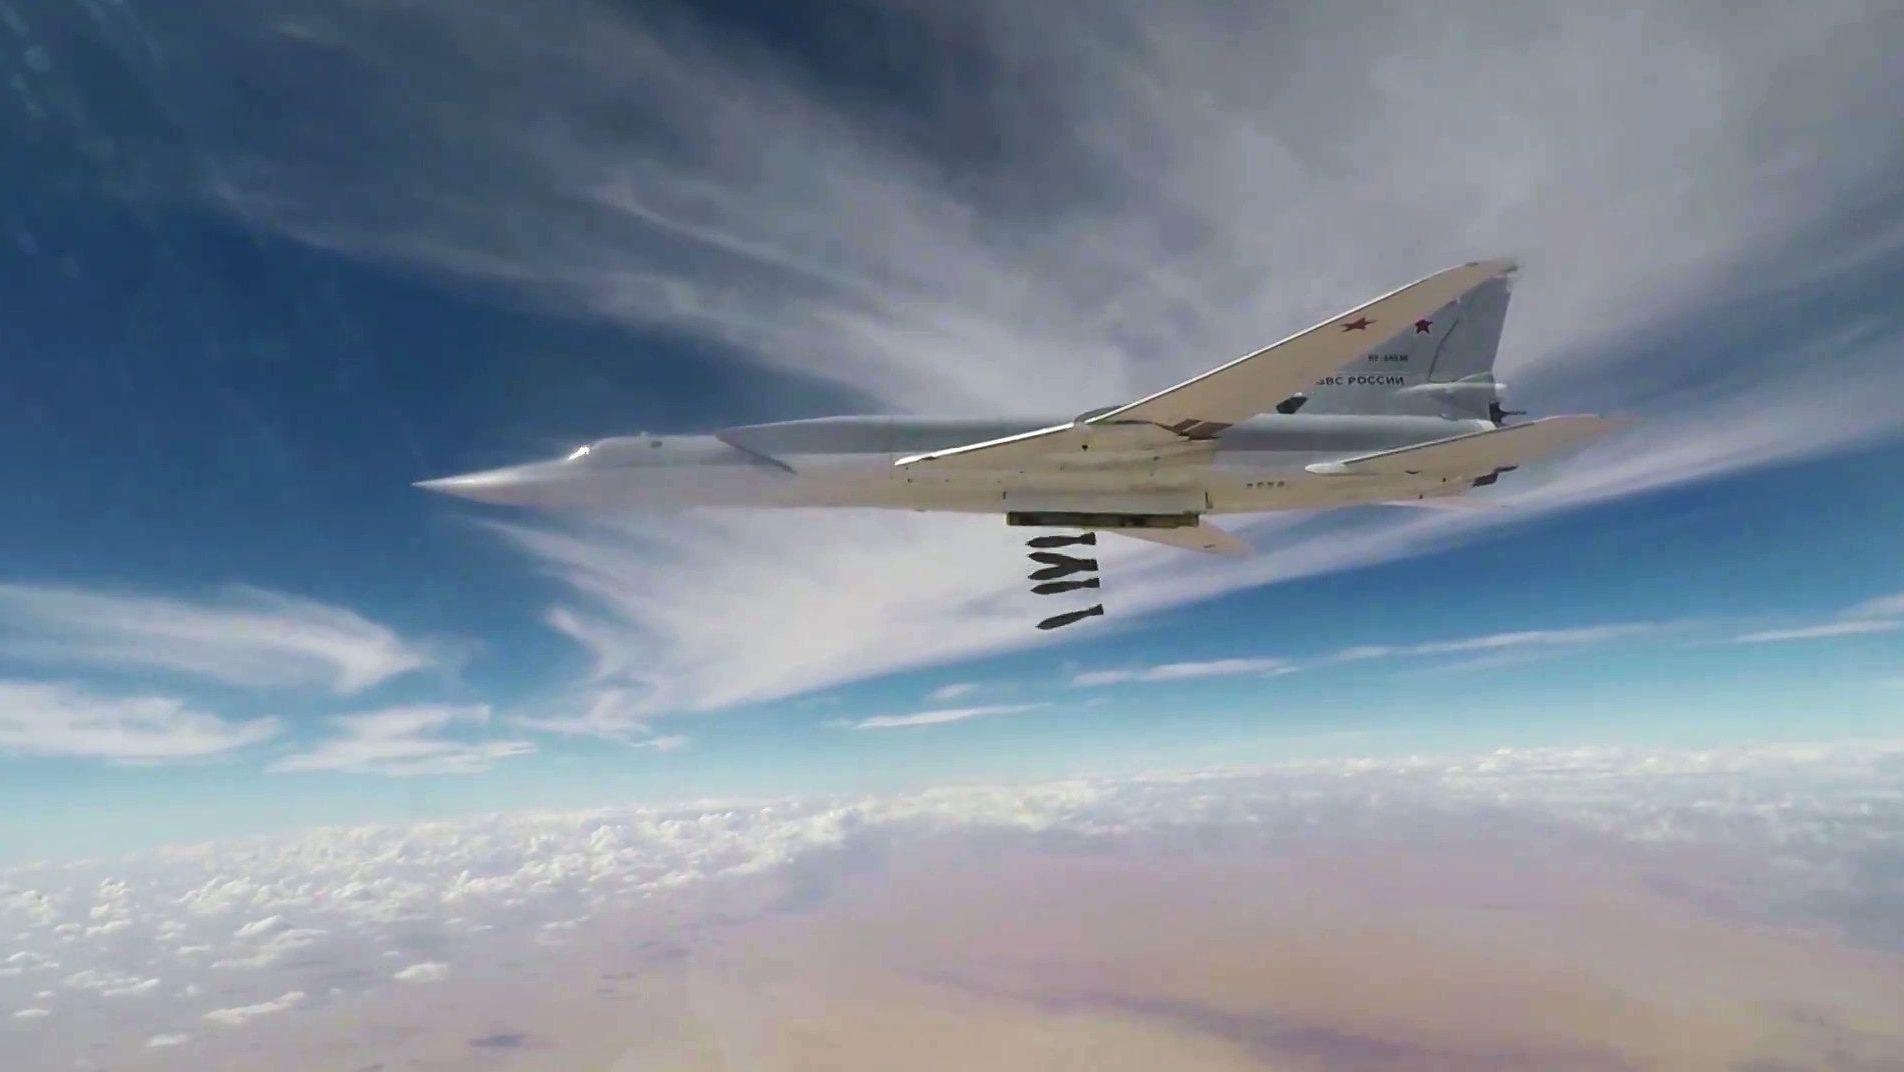 Bombowiec Tu-22M3 atakuje terrorystów